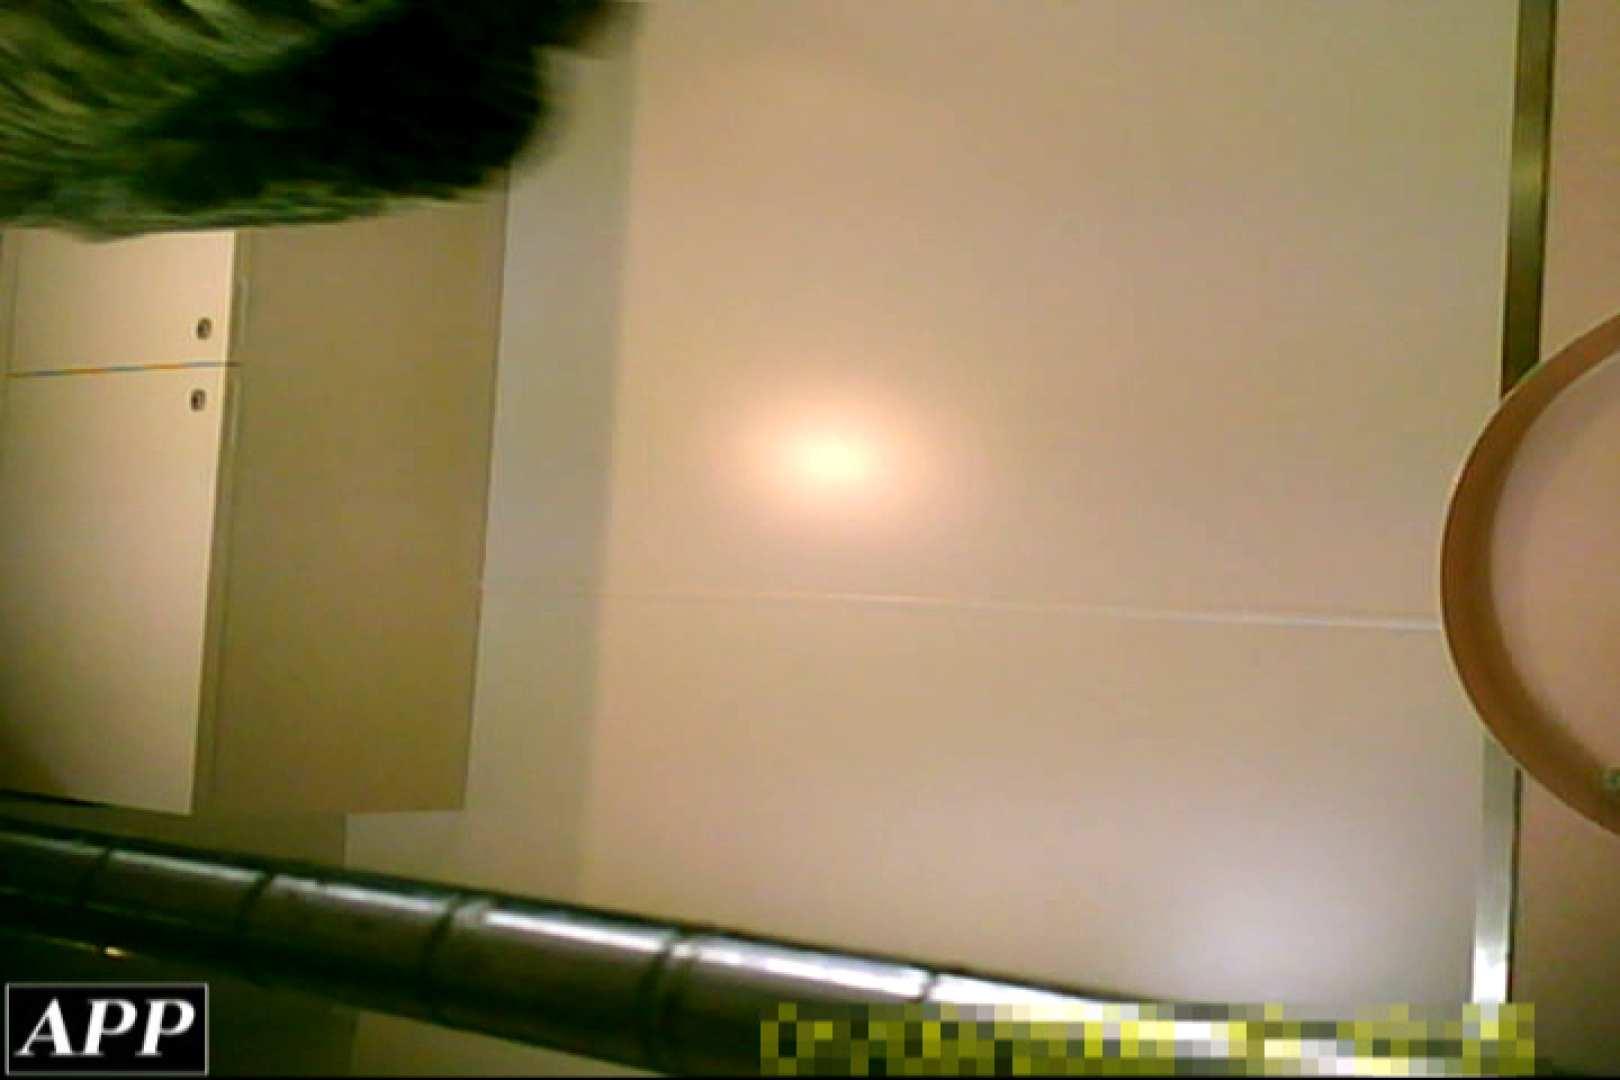 3視点洗面所 vol.37 肛門 オメコ動画キャプチャ 79PIX 65